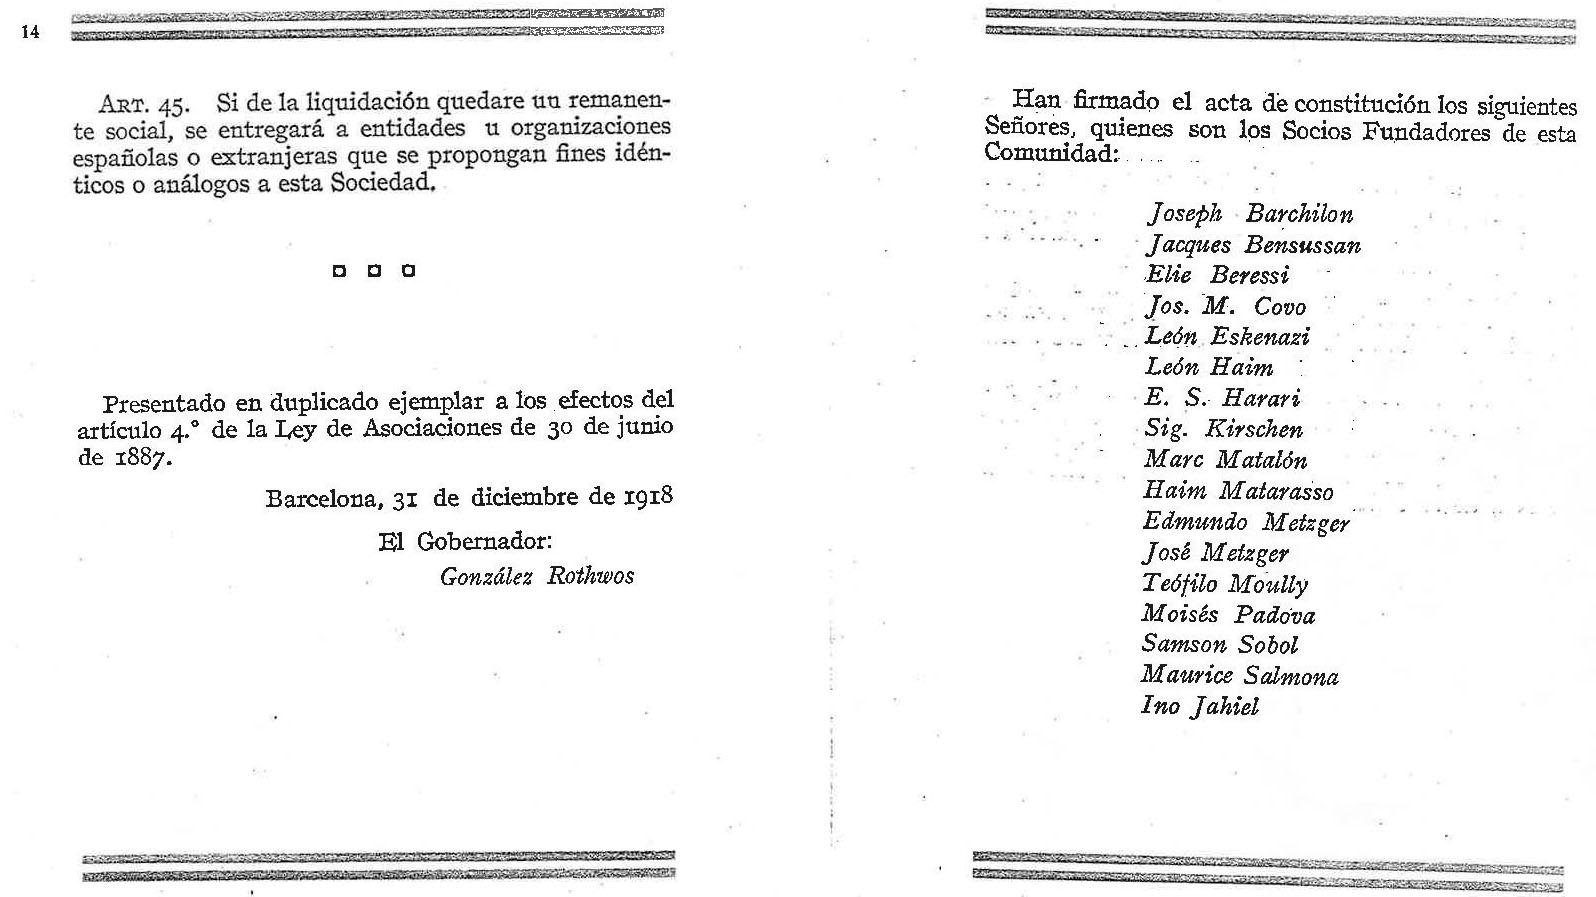 Acta fundacional de la Comunitat Israelita de Barcelona (CIB), 31 de desembre de 1918. Font: Arxiu de la Comunitat Israelita de Barcelona (CIB).